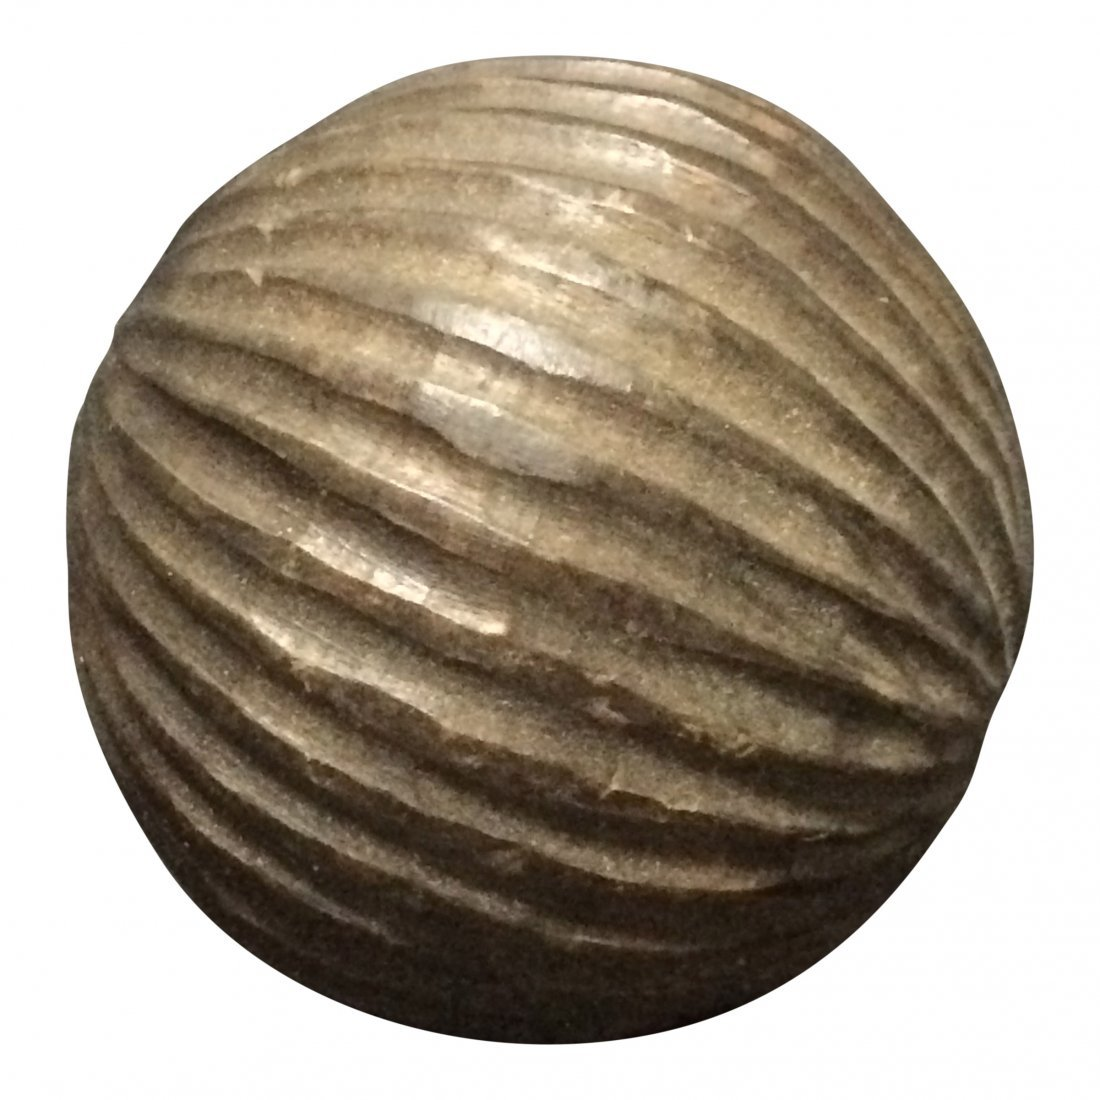 Wooden Ball